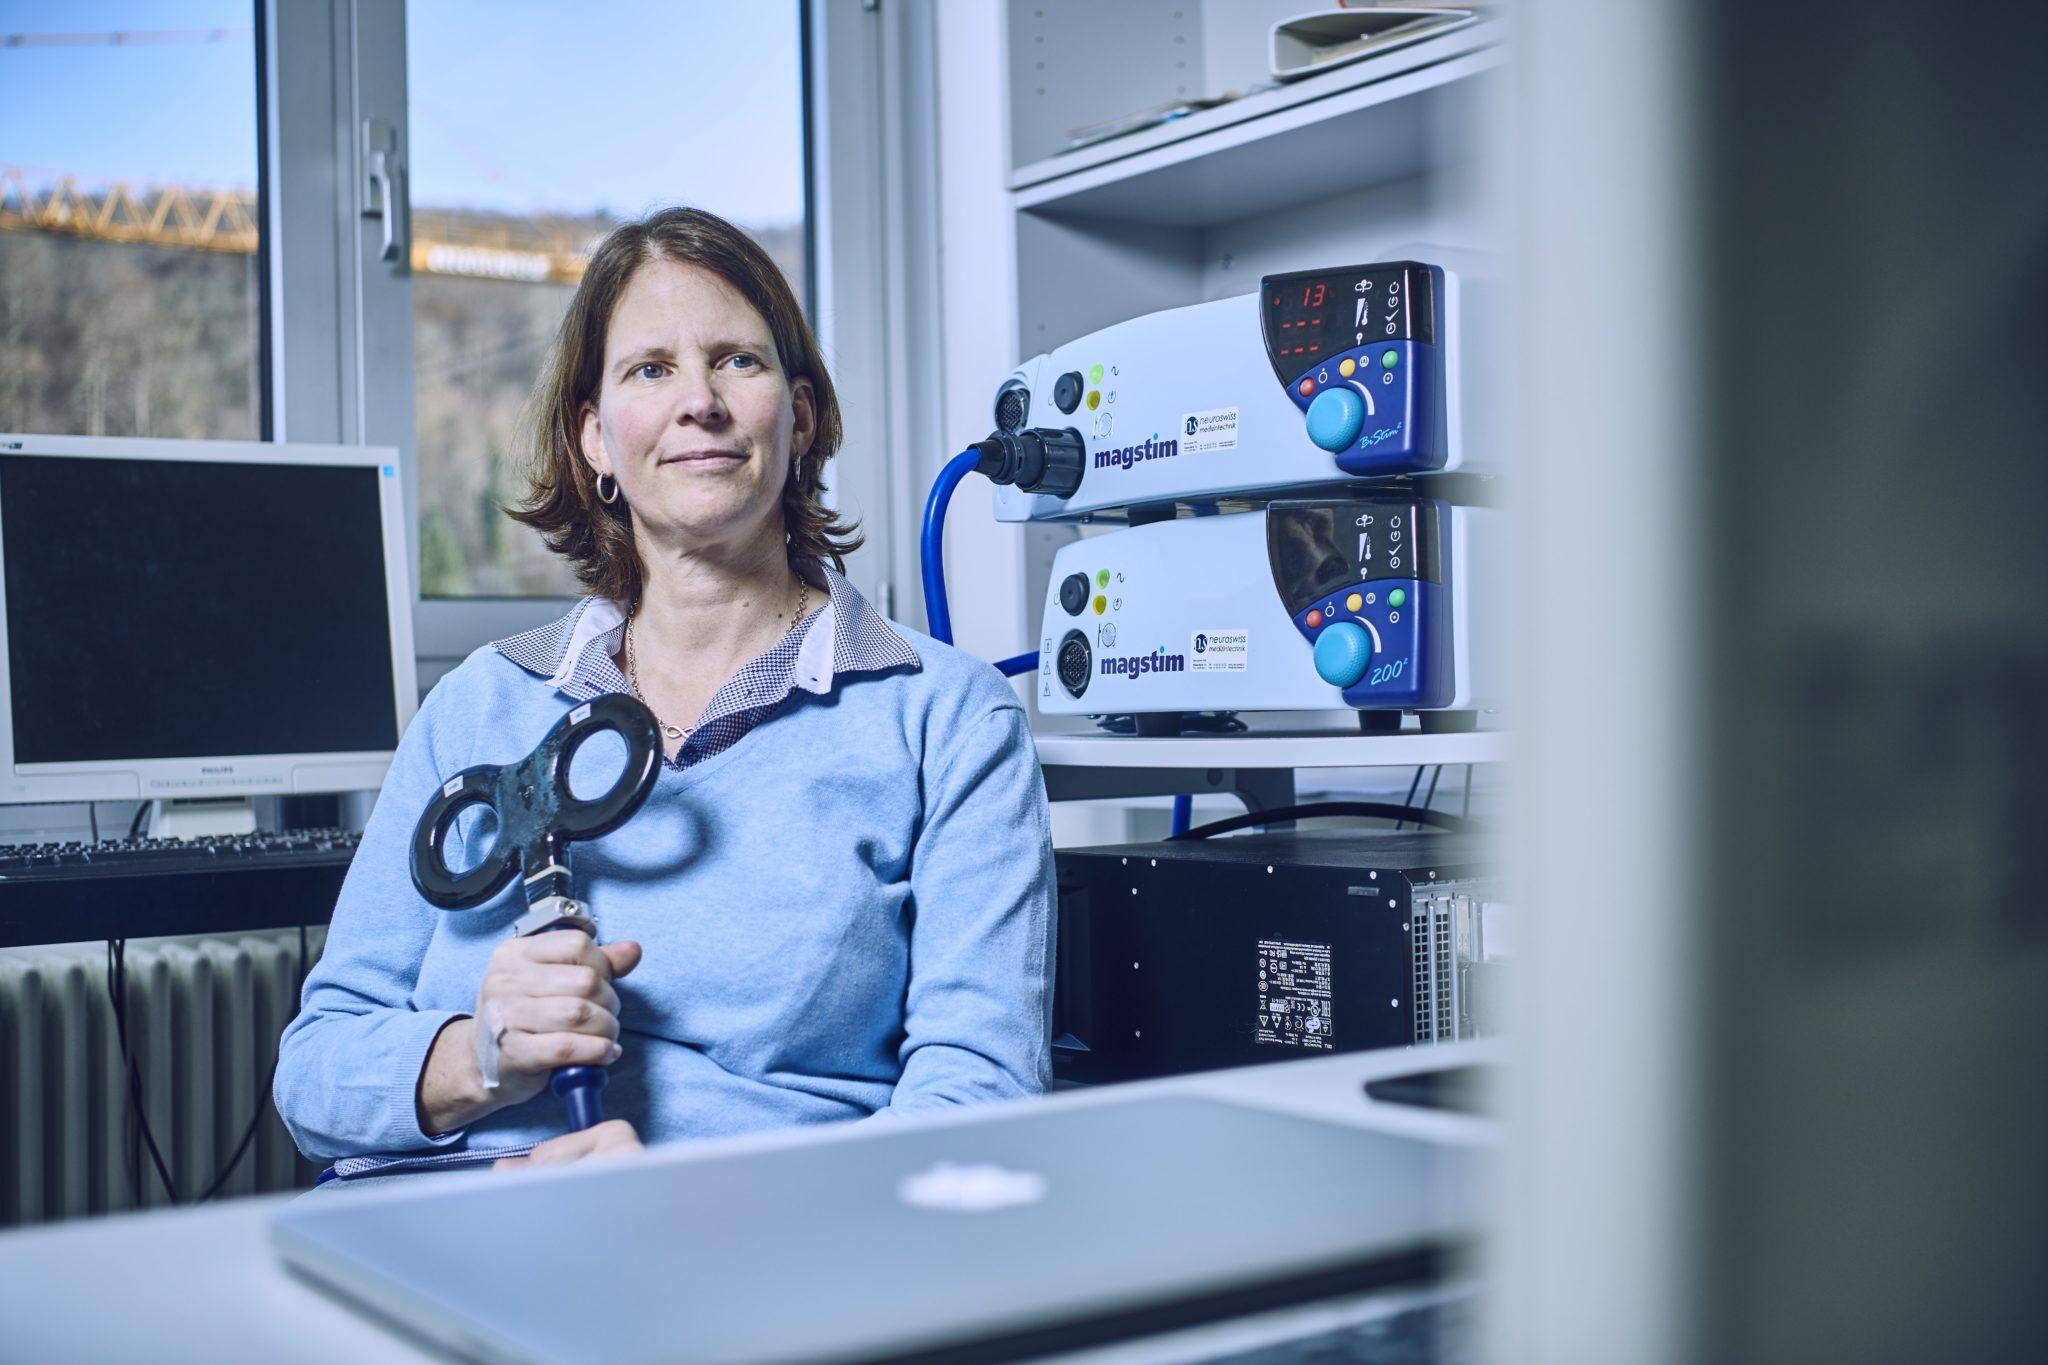 Nicole Wenderoth zeigt in ihrem Büro das Gerät, mit dem sie die Gehirnstimulation erzeugt.